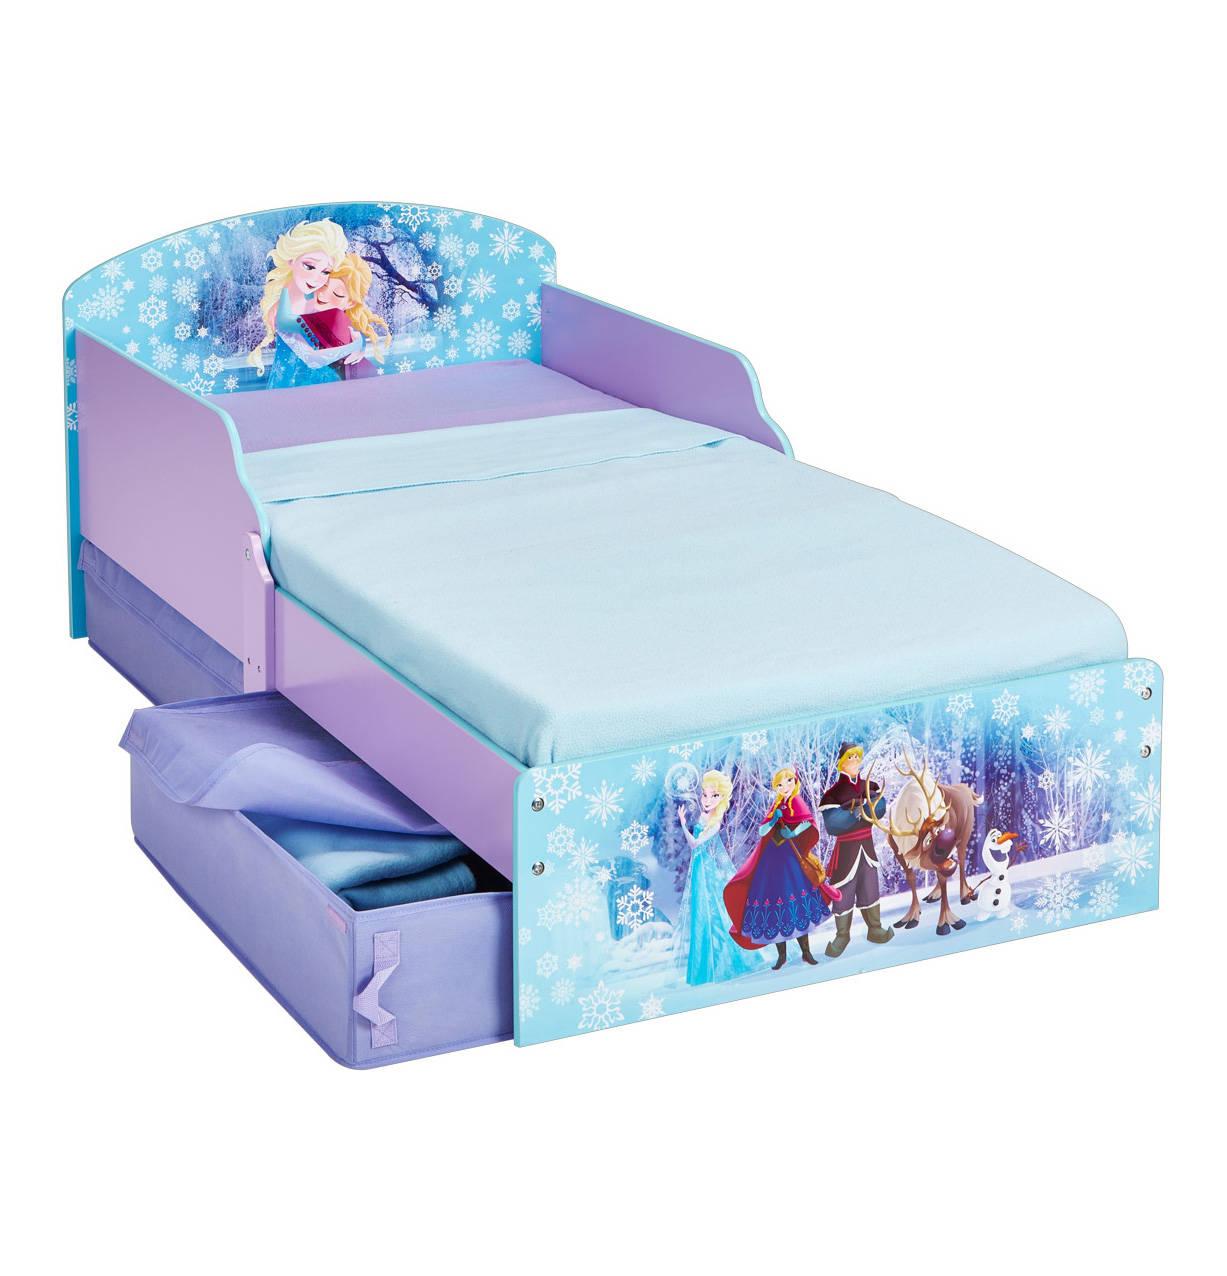 Kinderbett Disney Die Eiskonigin Mdf Mit Schubladen